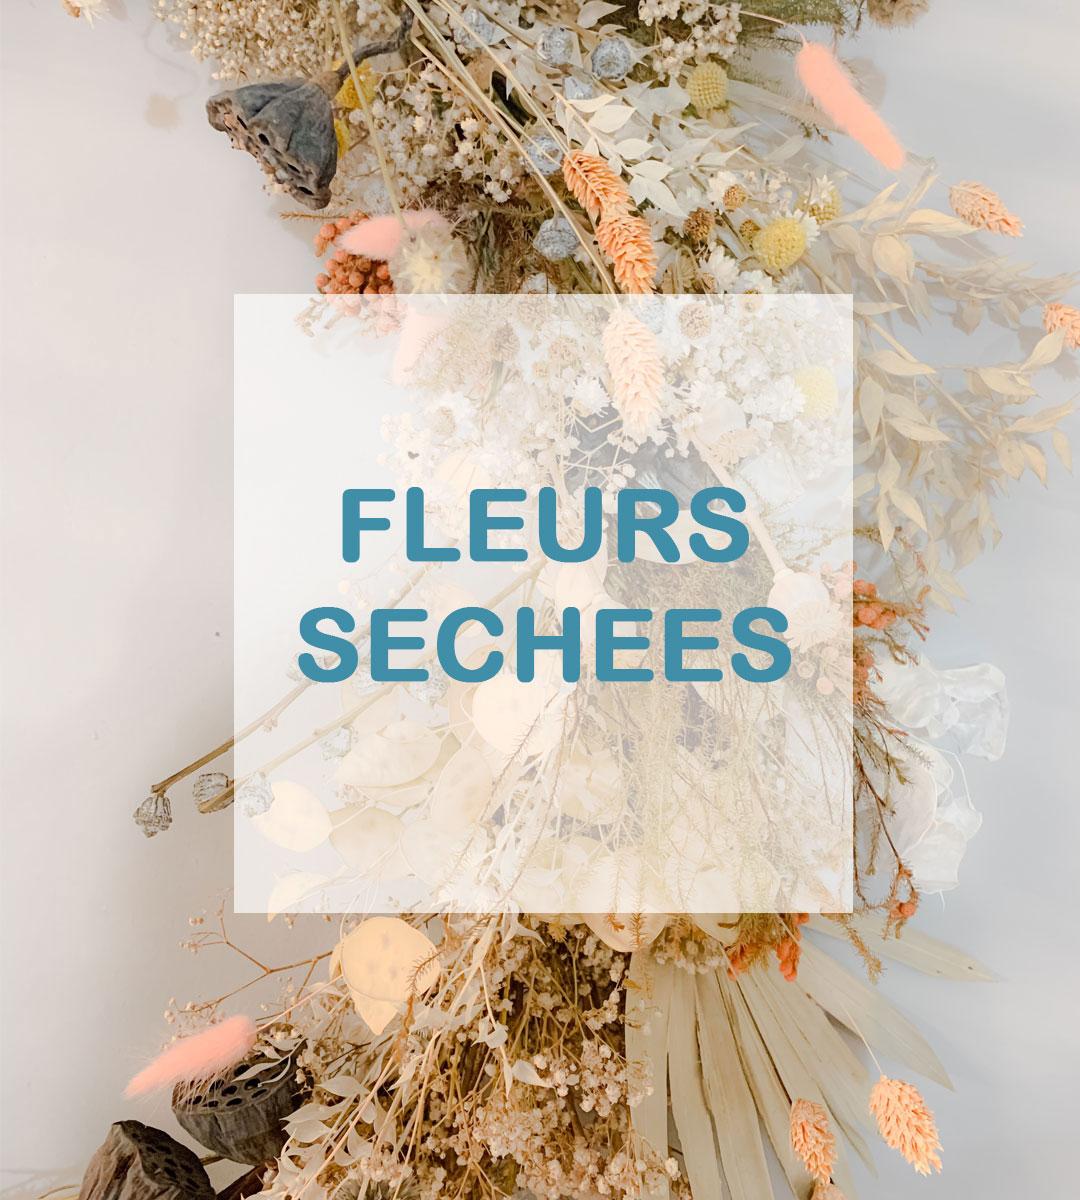 au paradis des fleurs neuville sur saone mariage fleurs lyon deuil livraison fleurs sechees